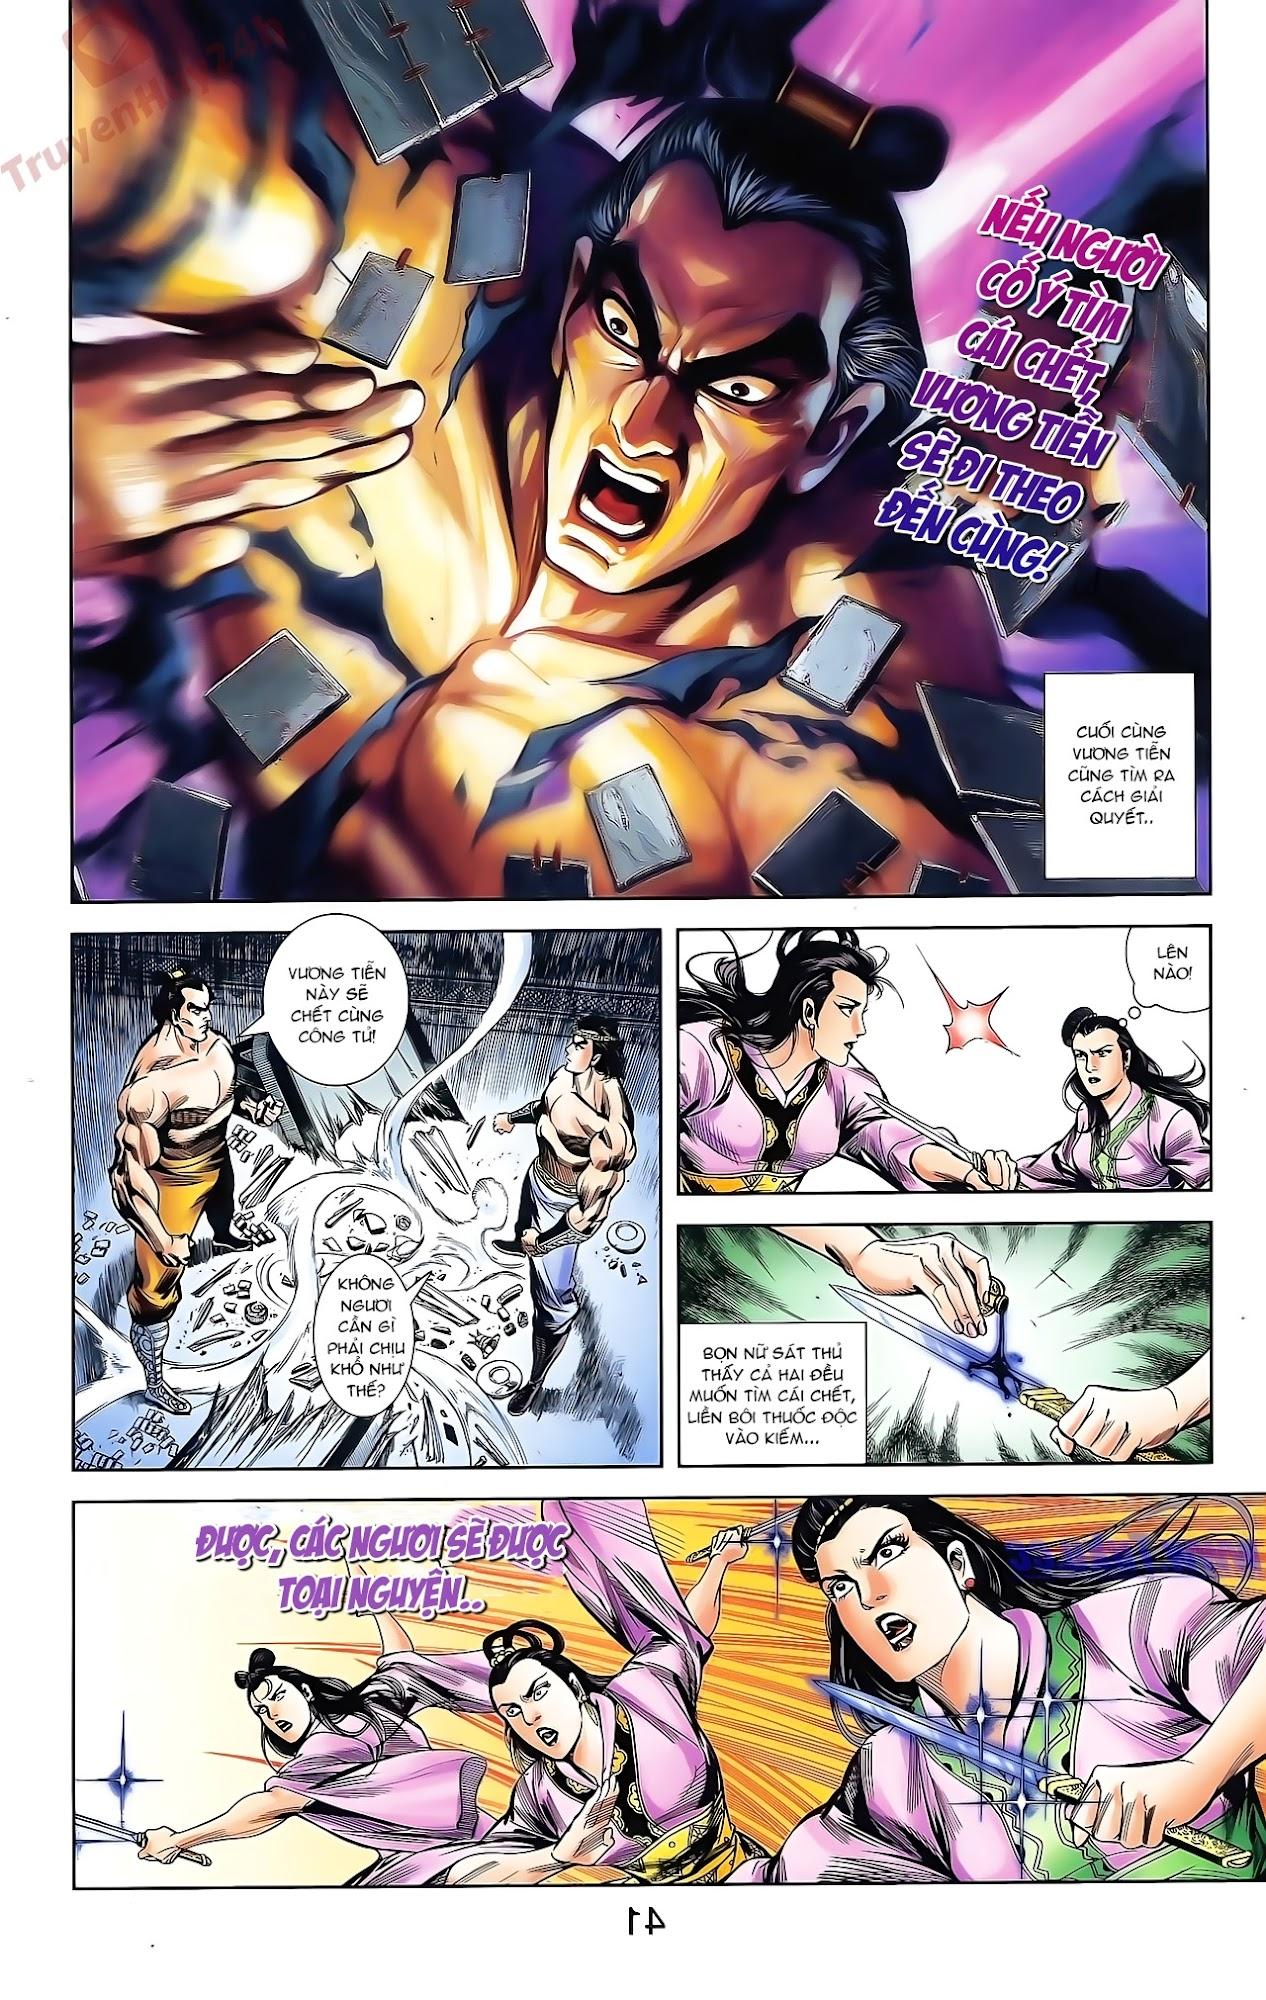 Tần Vương Doanh Chính chapter 43 trang 13